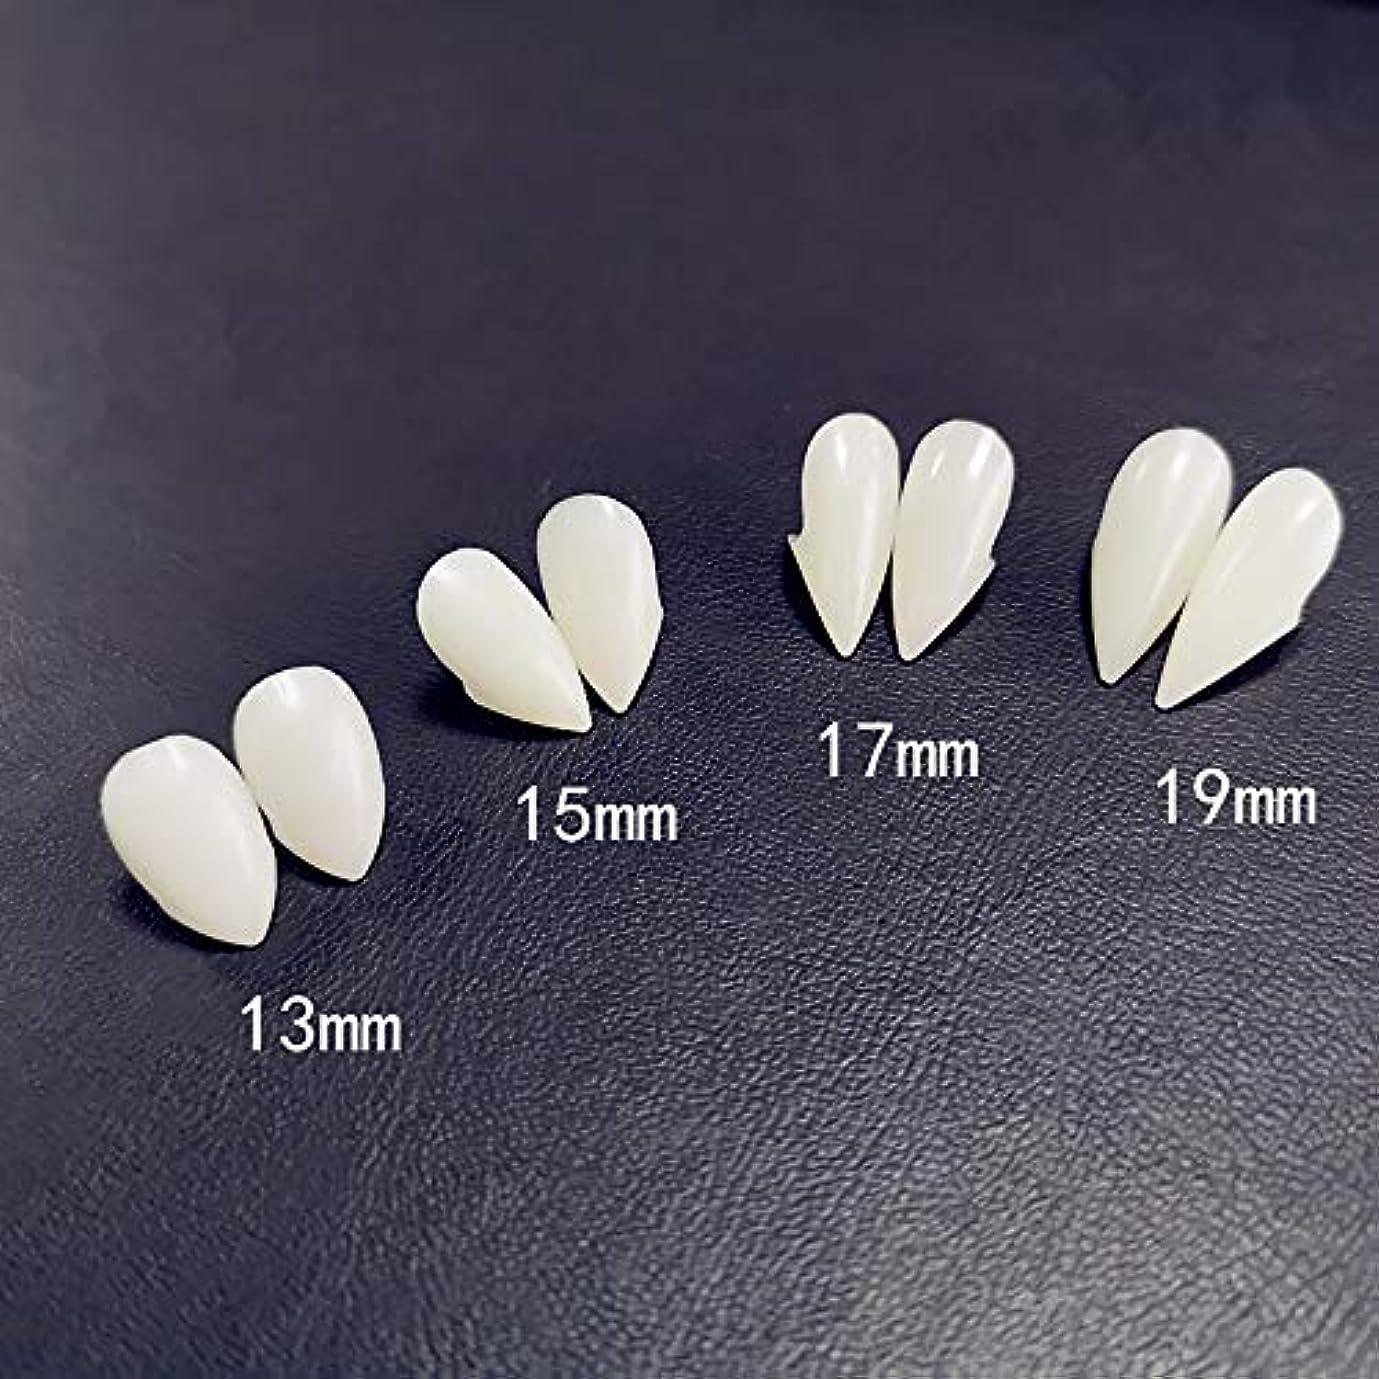 無限大クーポン計算可能4サイズ義歯歯牙牙義歯小道具ハロウィンコスチューム小道具パーティーの好意休日diy装飾ホラー大人のための子供-6ペア,19mm